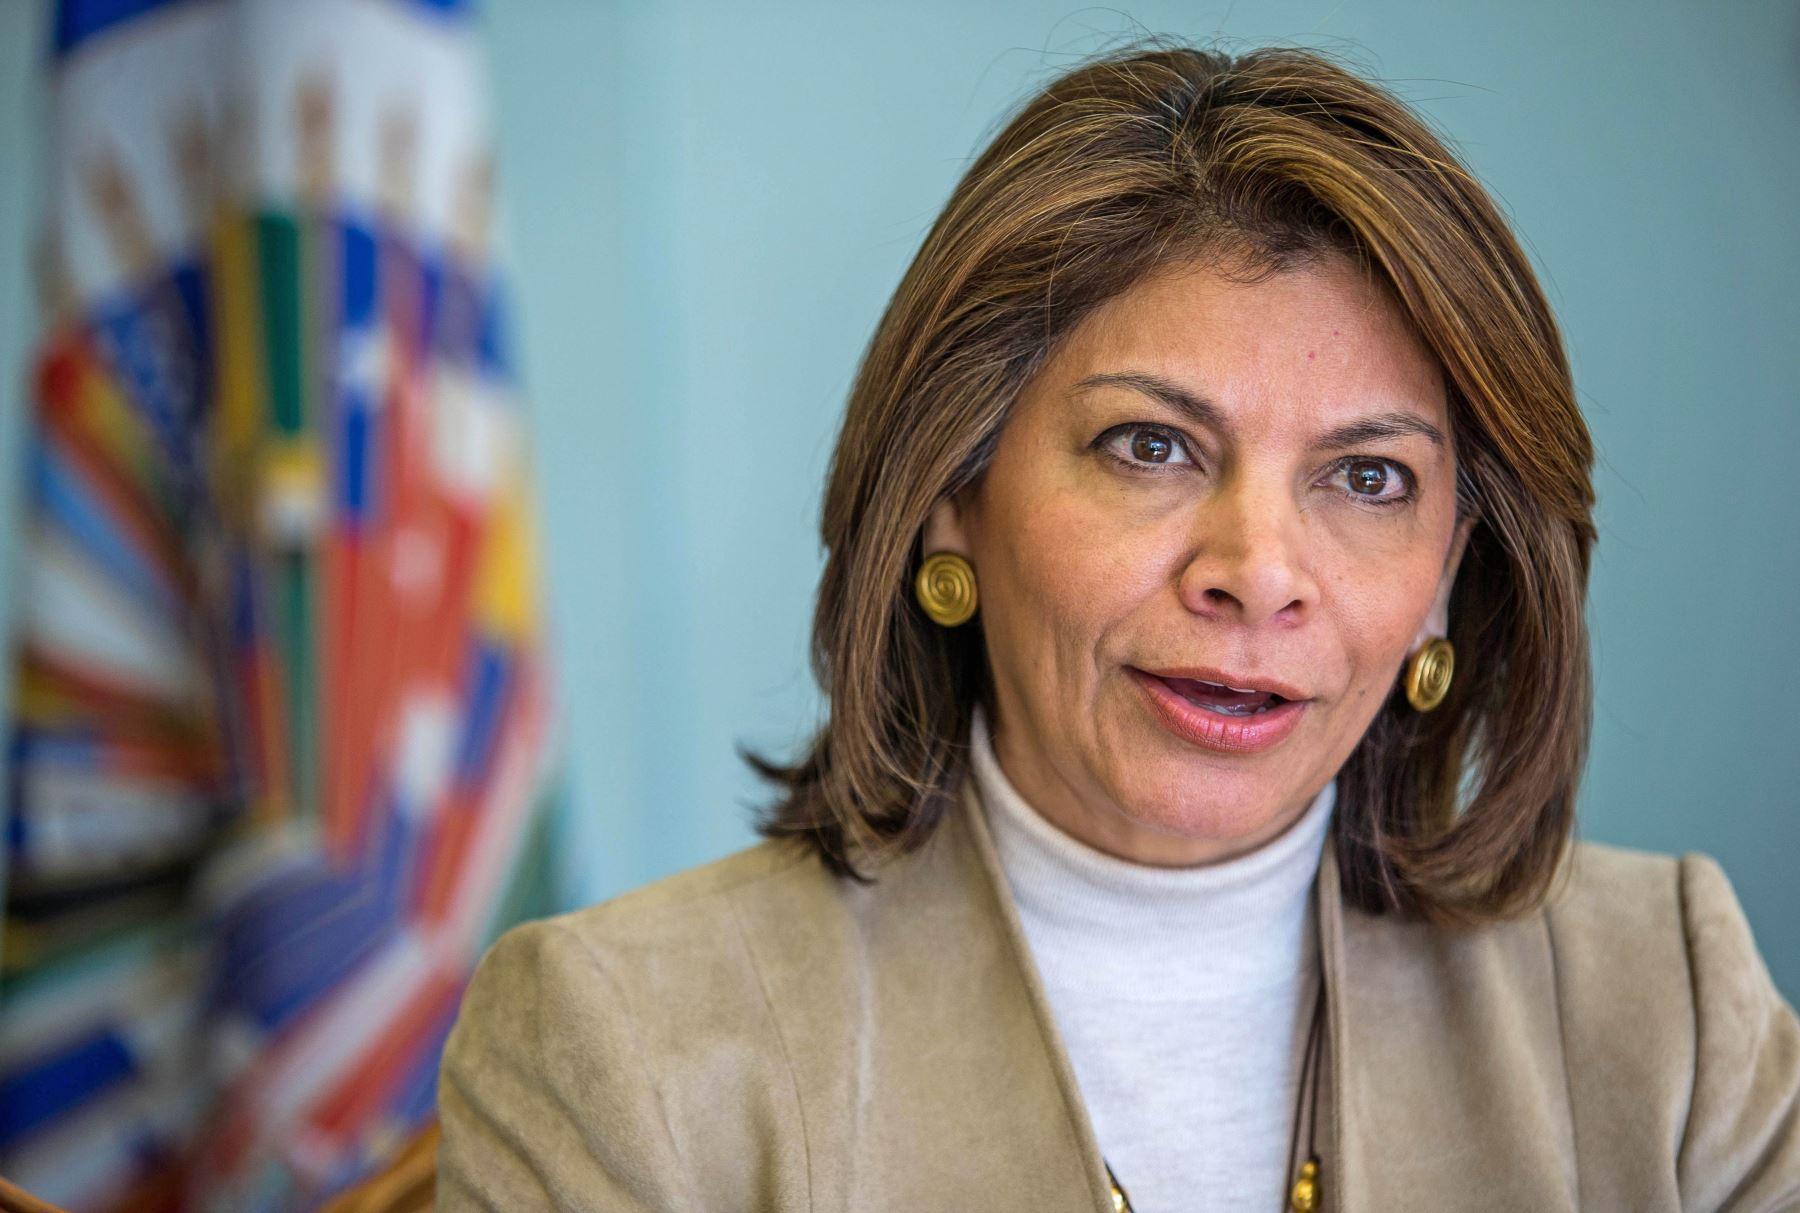 Ex presidenta de Costa Rica, Laura Chinchilla, encabeza la primera misión de observación electoral de la OEA en territorio estadounidense.